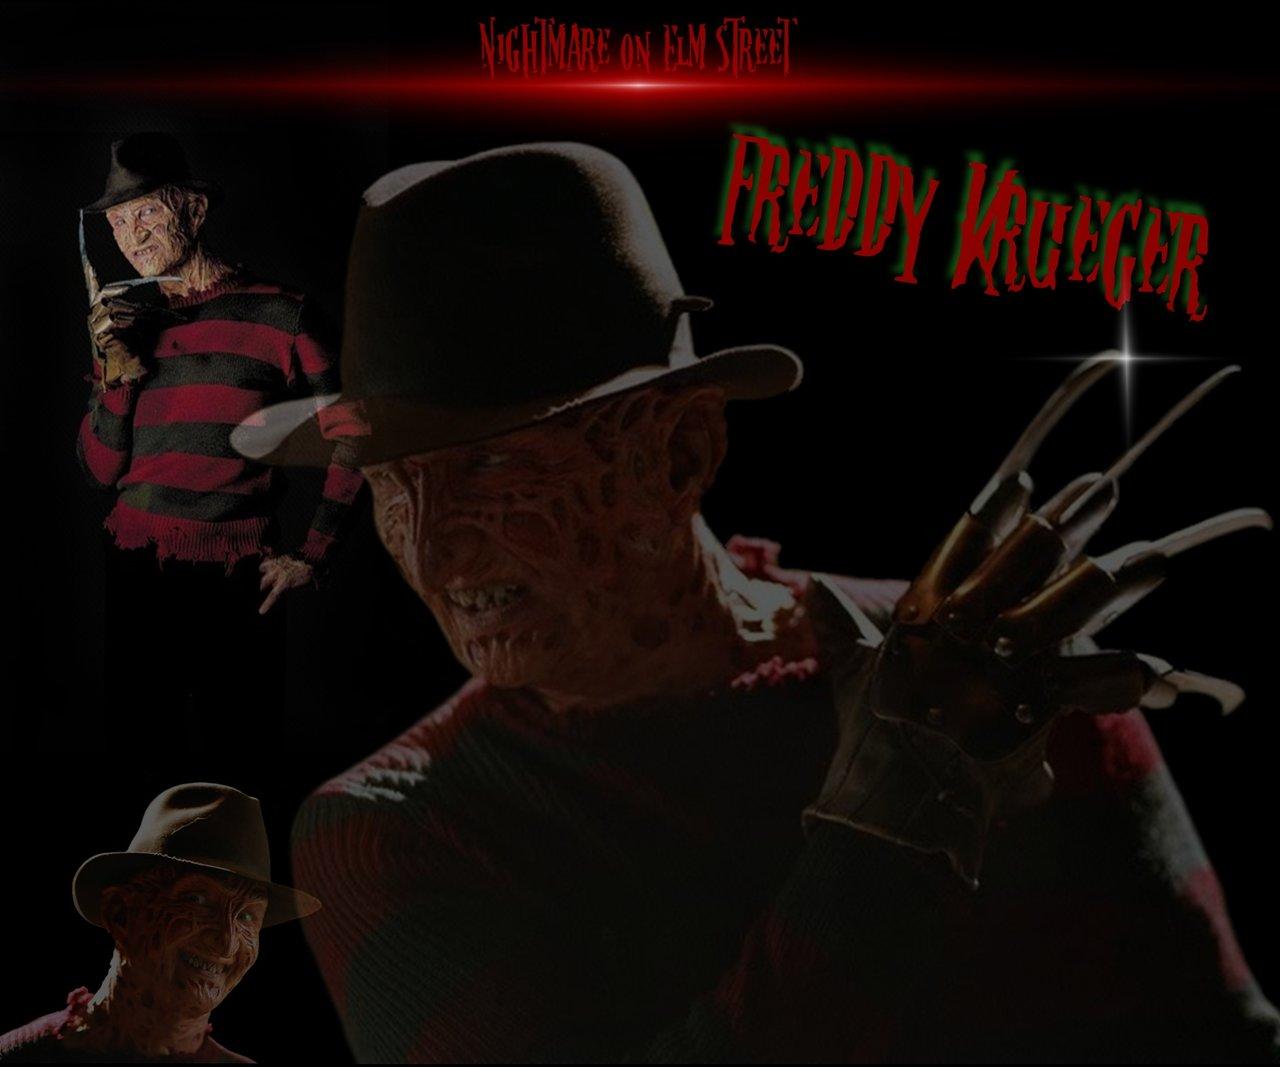 Freddy Krueger wallpaper by firebirdy89 1280x1067